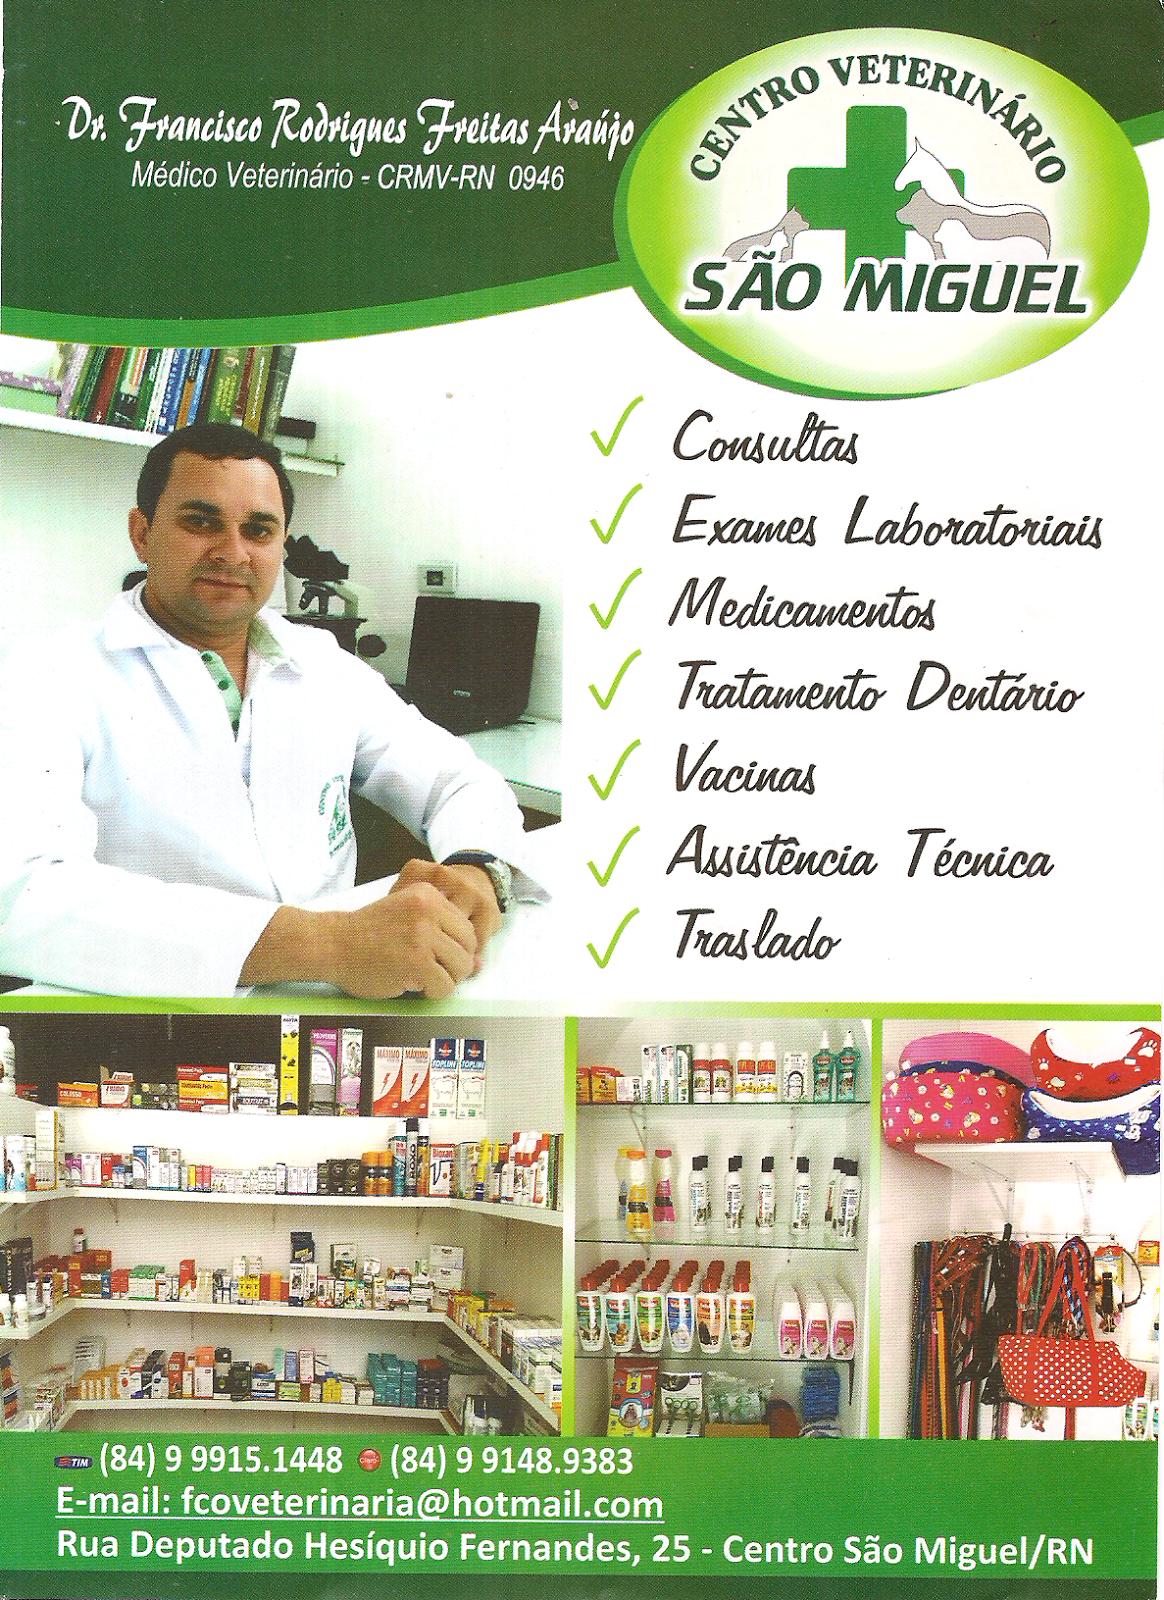 CENTRO VETERINÁRIO SÃO MIGUEL